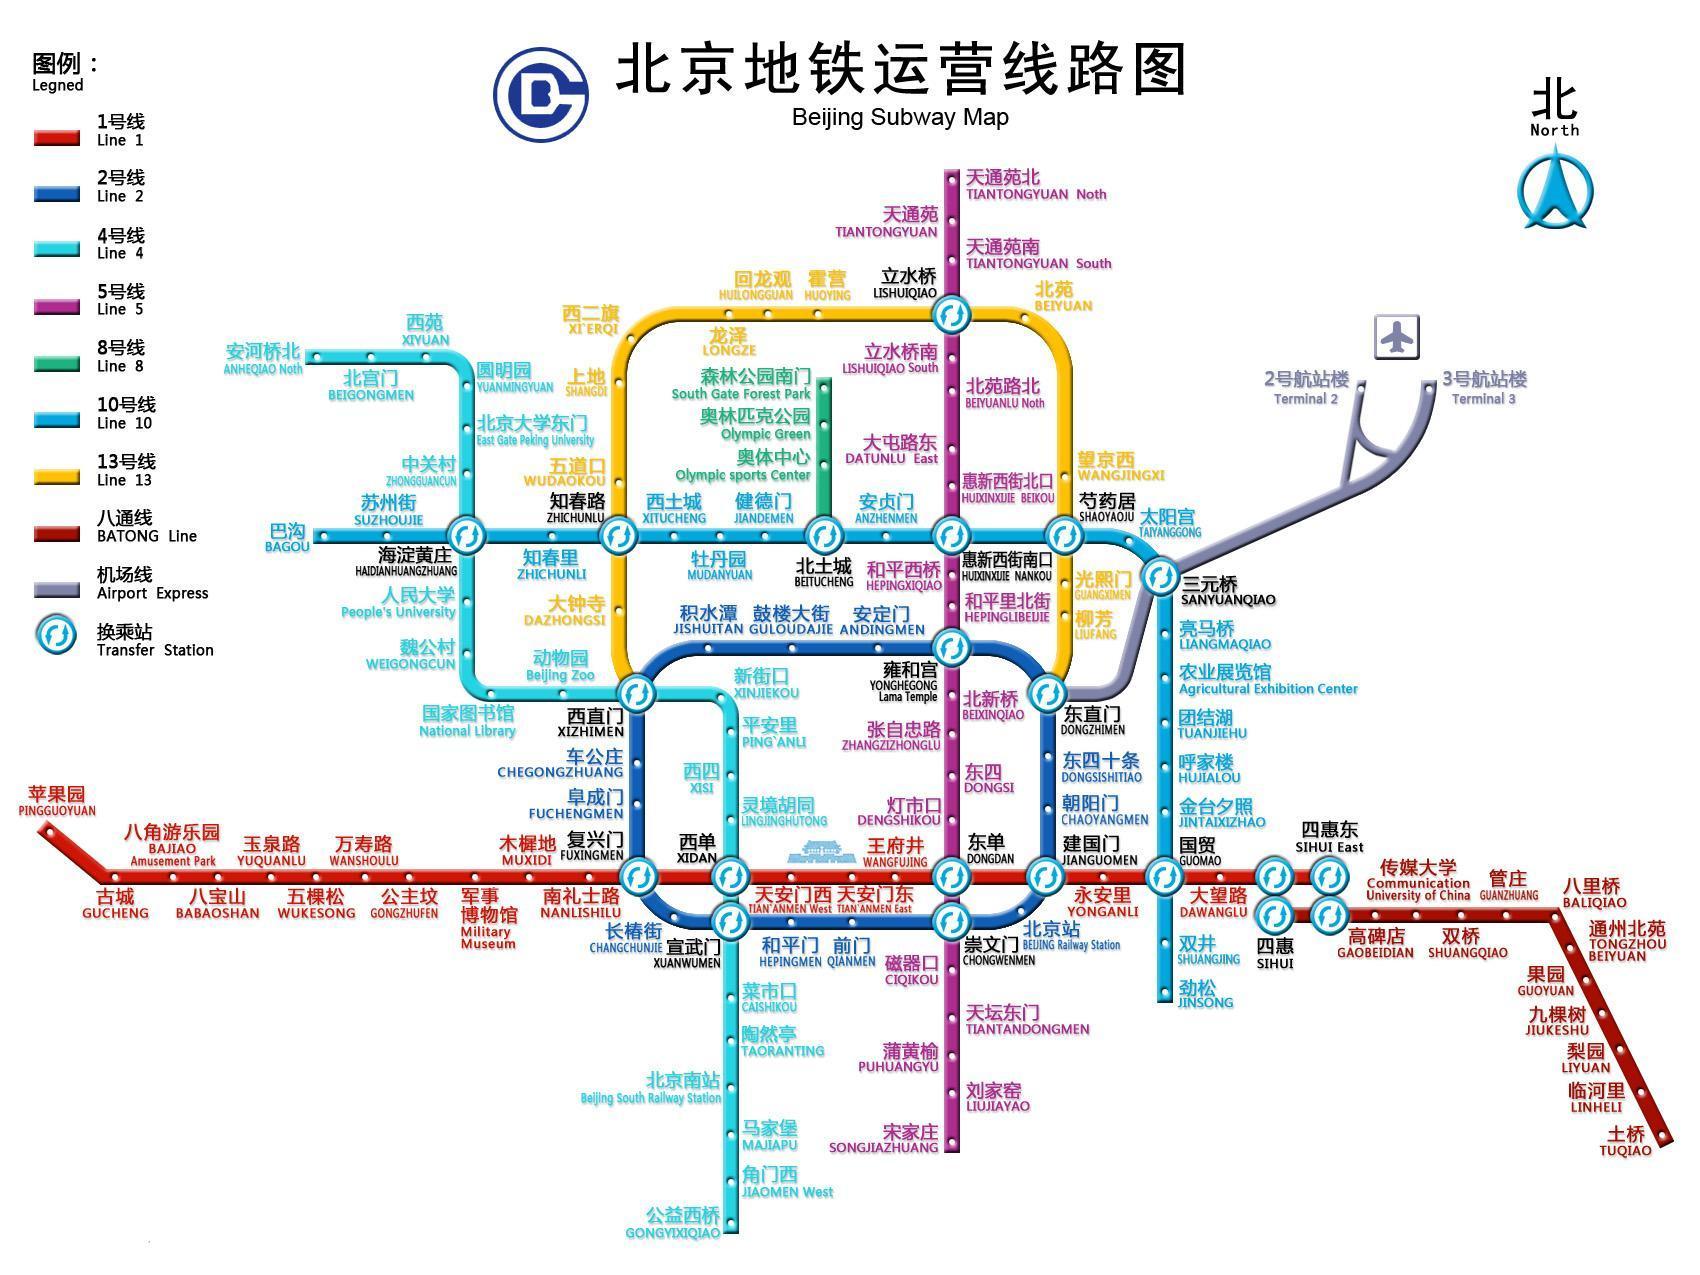 北京地铁S1号线图片